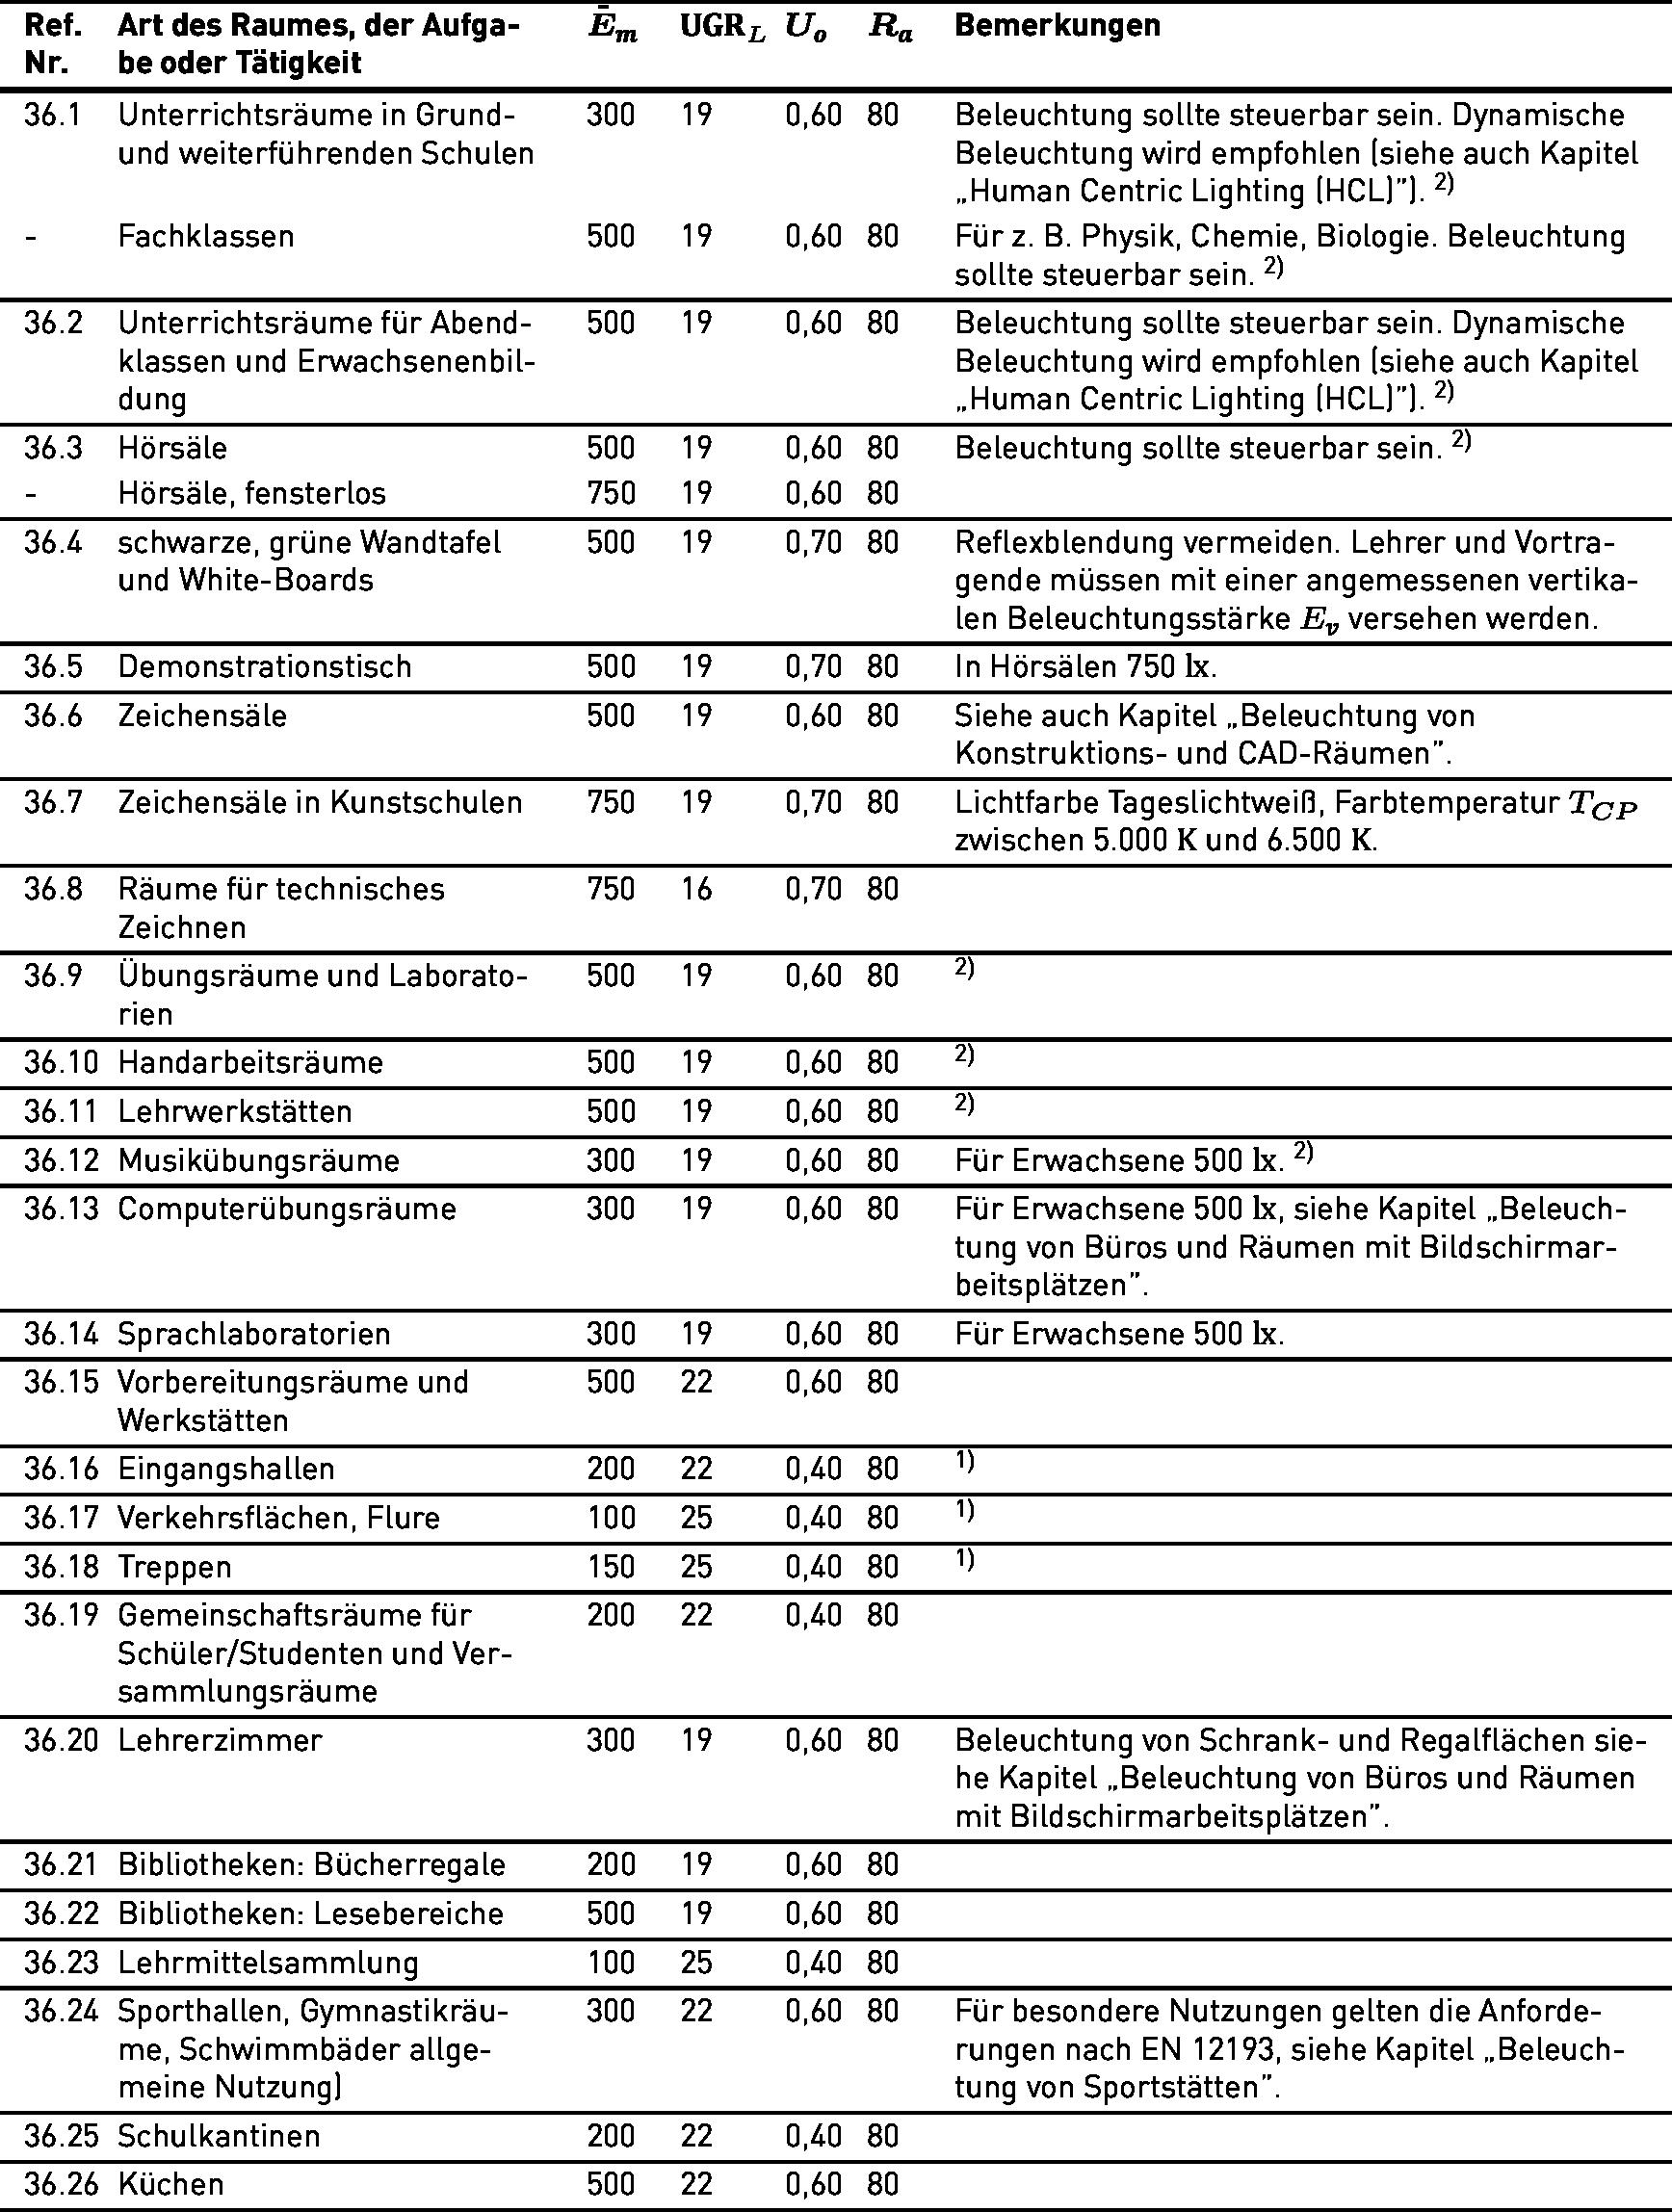 Lichttechnische Anforderungen gemäß DIN EN 12464-1